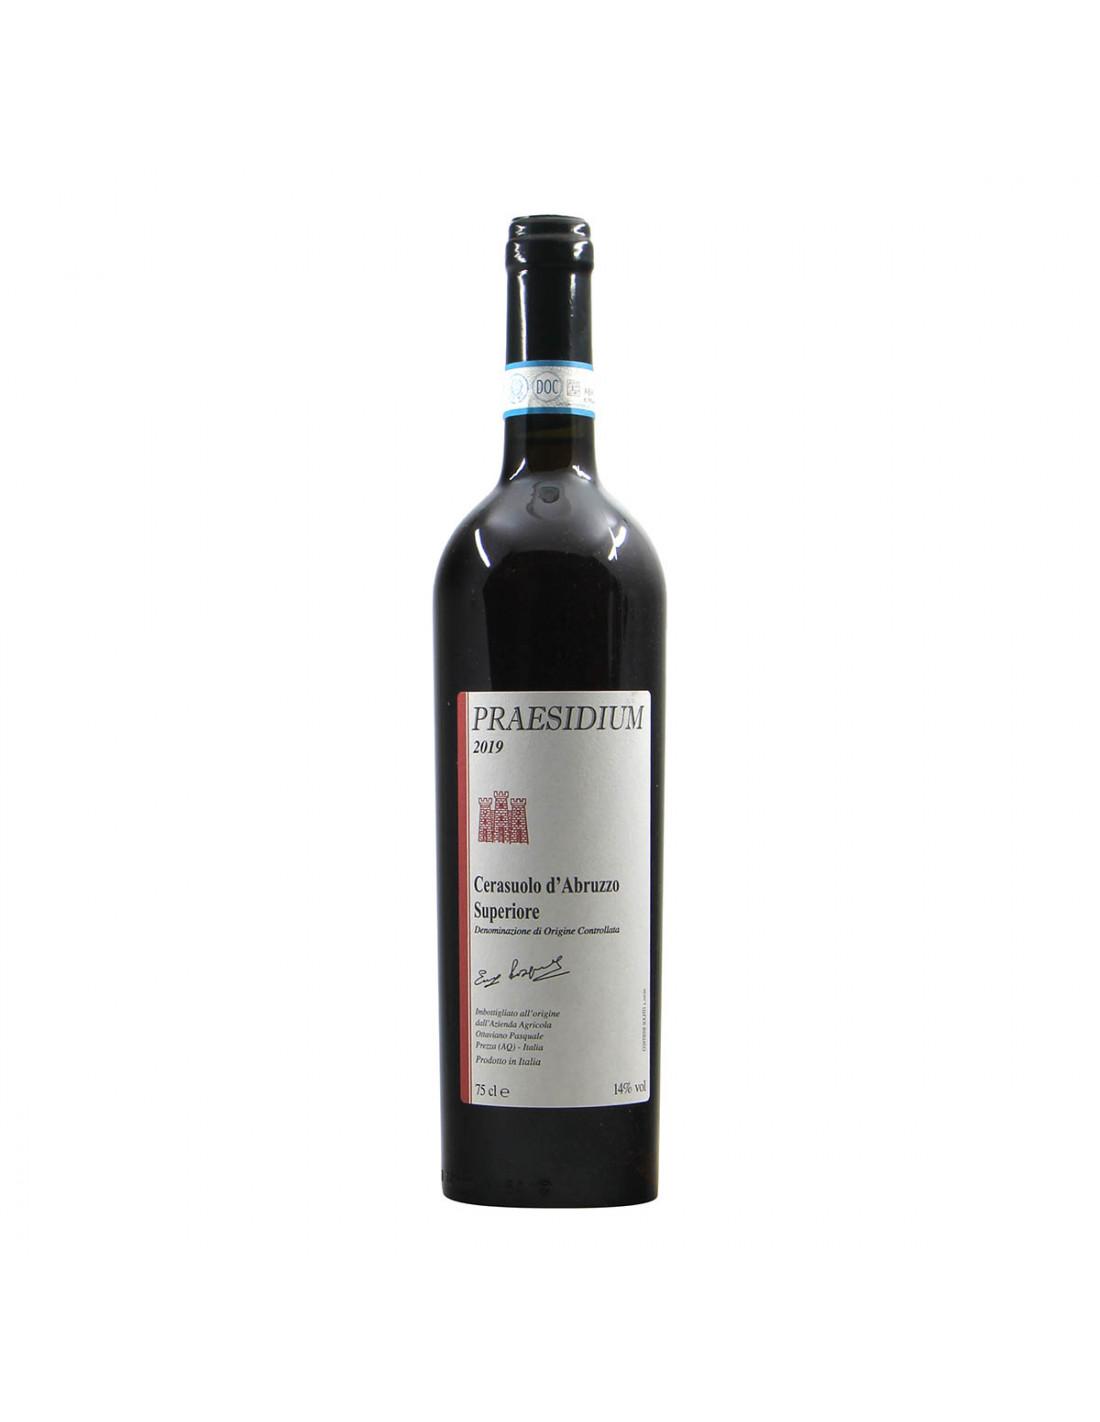 Praesidium Cerasuolo d'Abruzzo Superiore 2019 Grandi Bottiglie